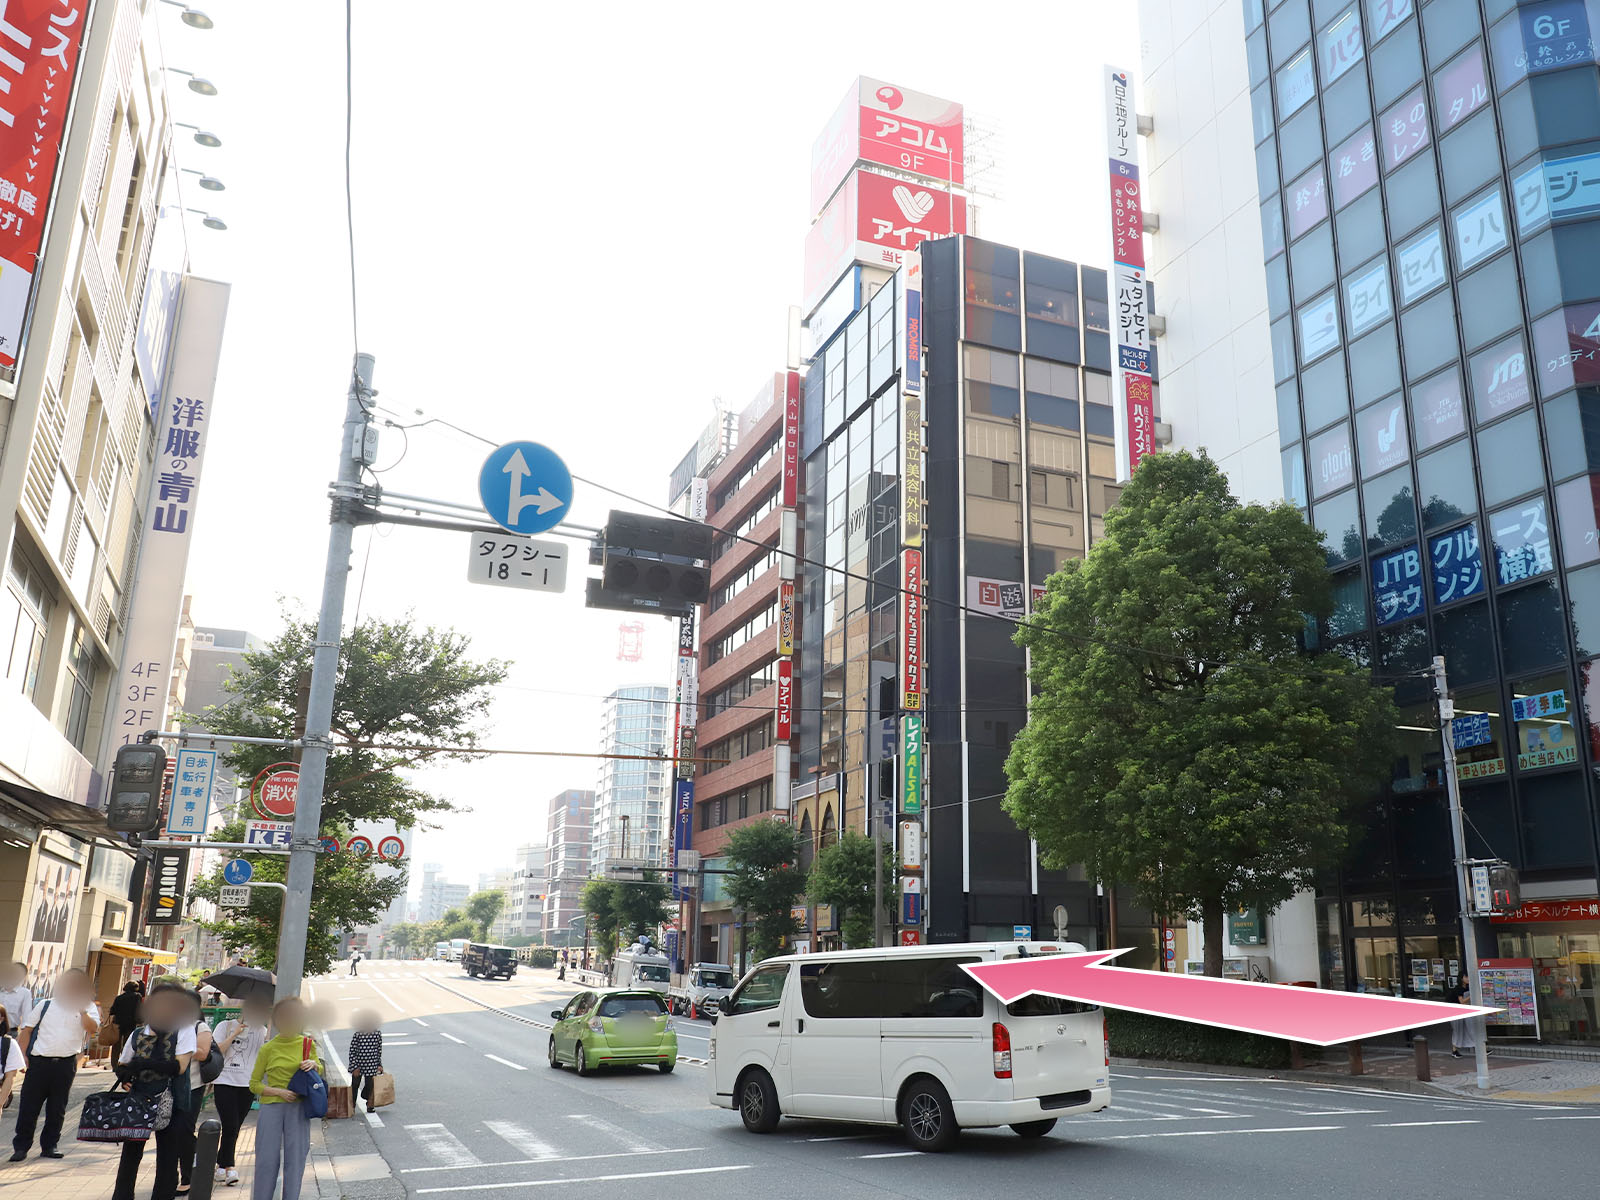 東京中央美容外科横浜院JR線ルート07